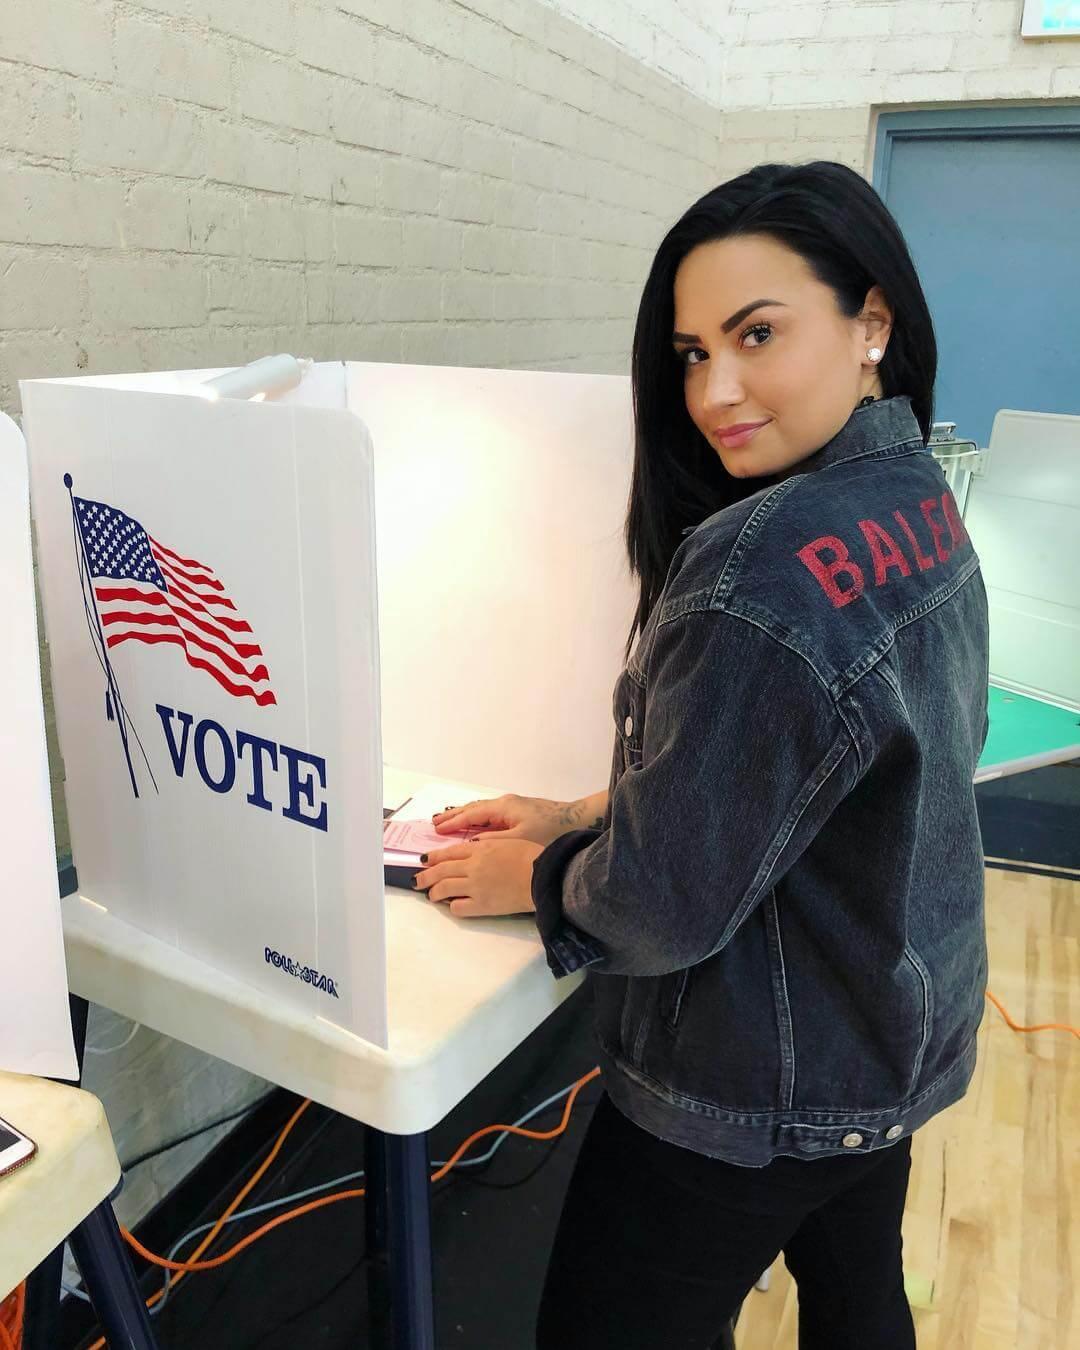 Demi Lovato regresa a Instagram luego de su rehabilitación con un llamado a votar